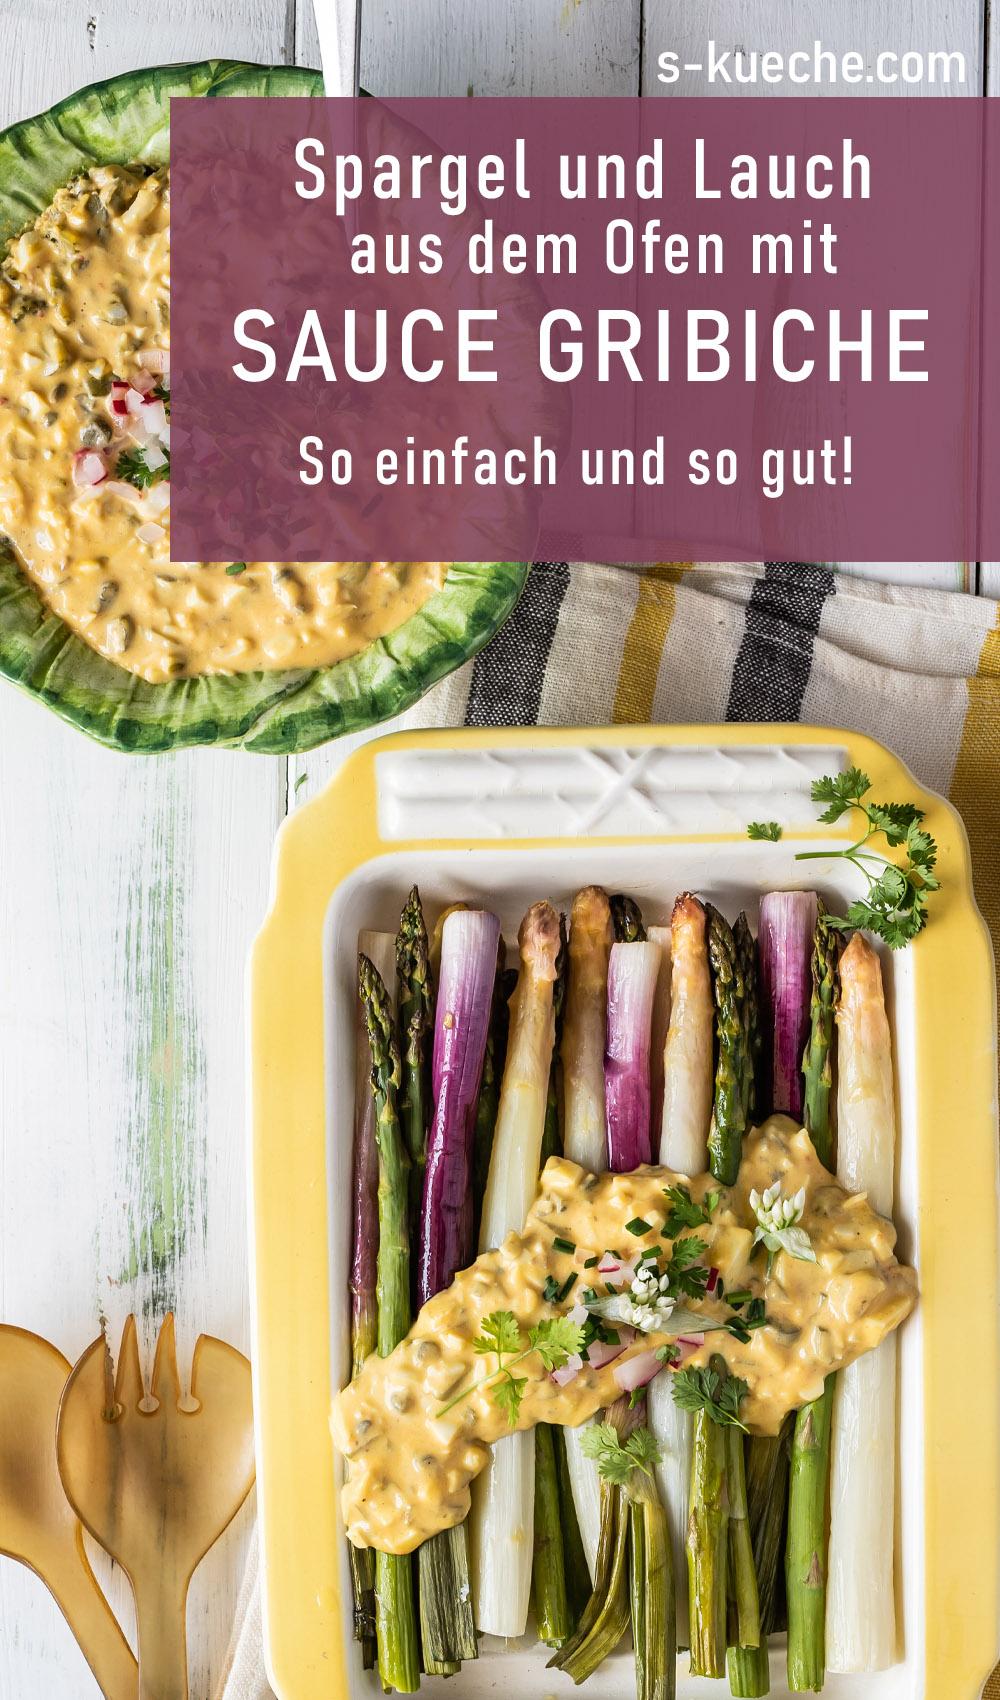 Spargel und Lauch mit Sauce Gribiche und zweierlei Senf. Rezept für Spargel aus dem Ofen mit dem pikanten französischen Saucenklassiker mit gehacktem Ei